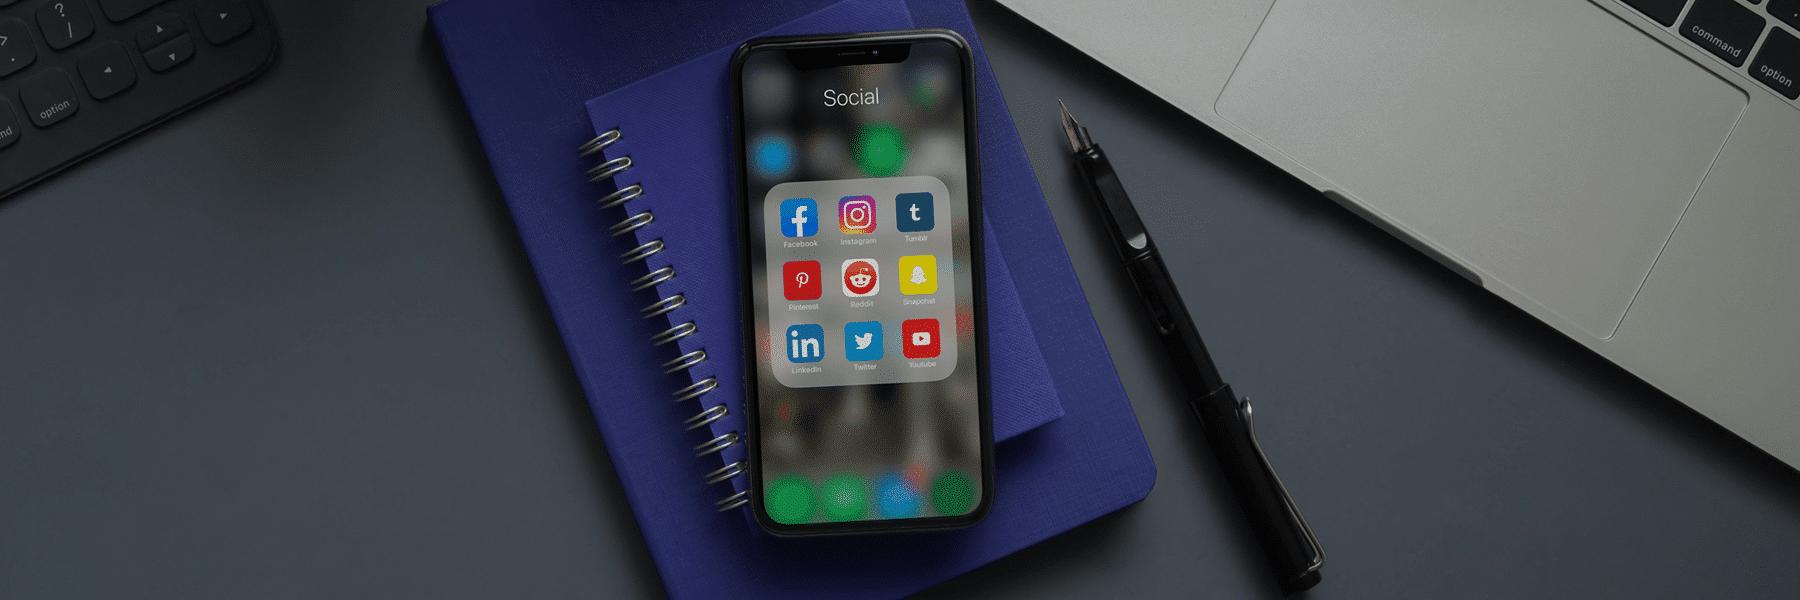 Comunicação adequada nas redes sociais: como manter-se na mente do consumidor